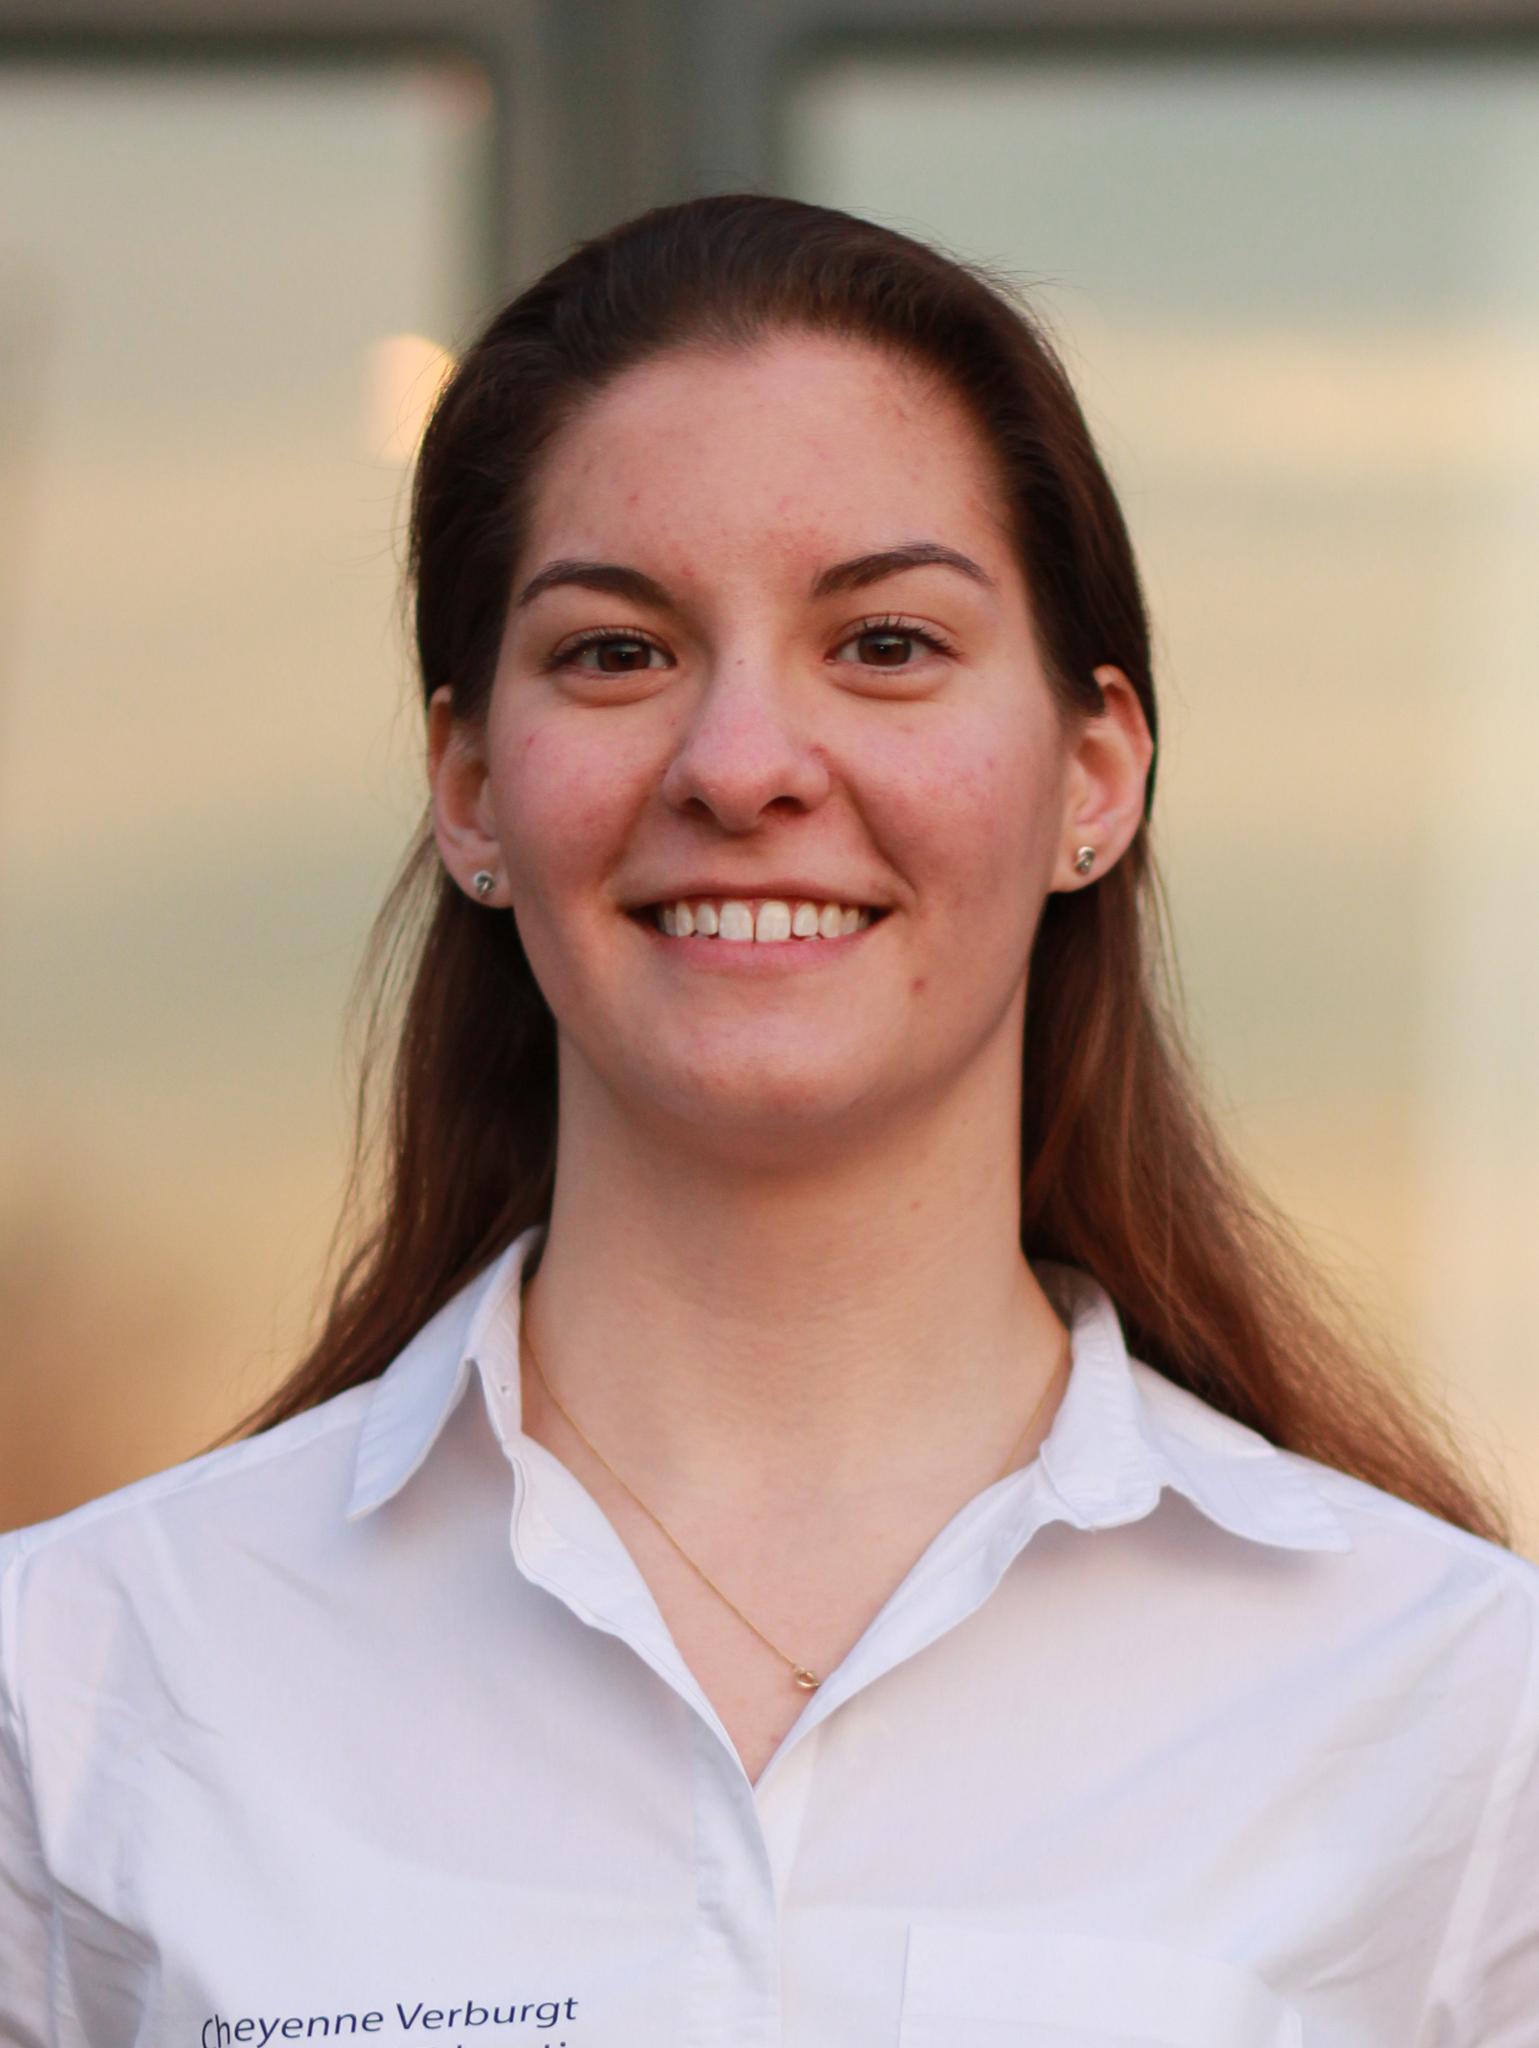 een foto van de secretaris van Taskforce QRS Nederland, Cheyenne Verburgt